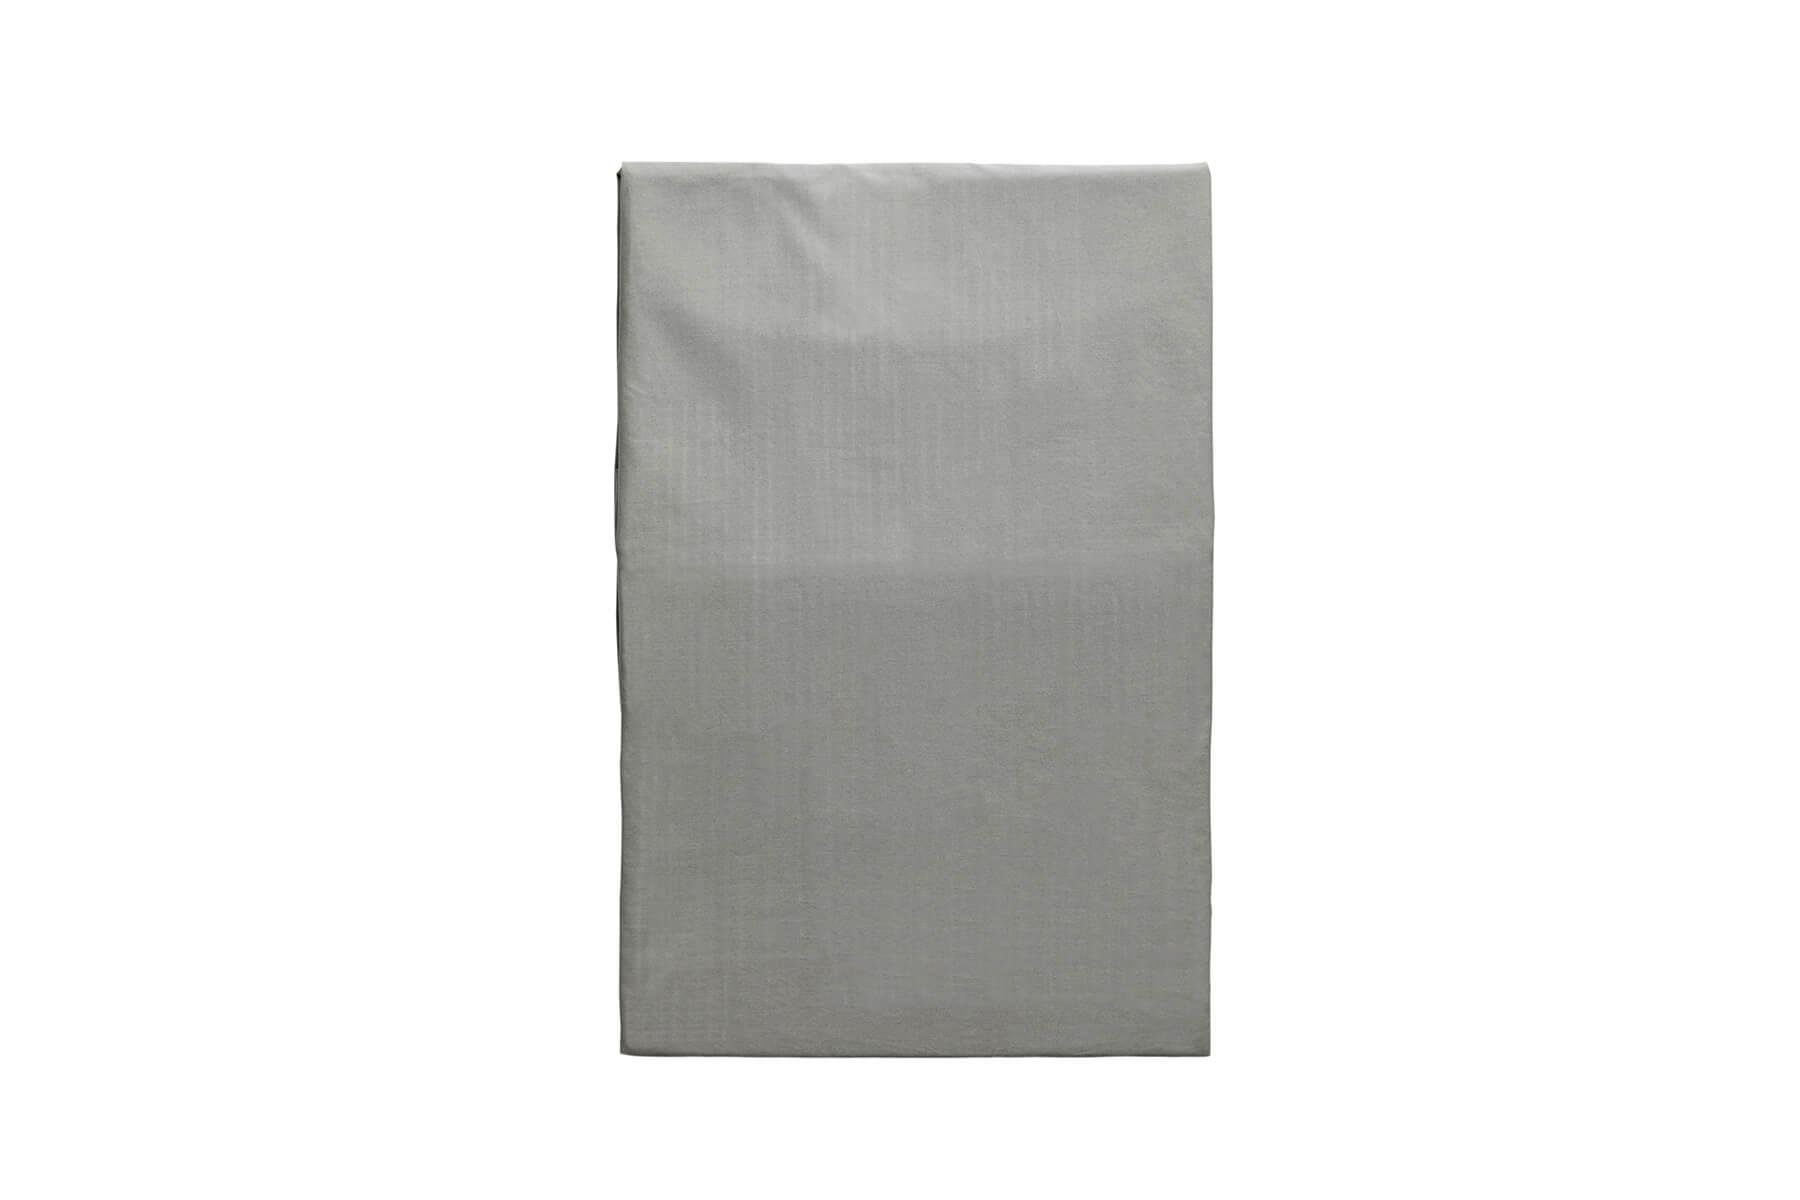 Køb Norhland kuvertlagen GrÃ¥ 180 x 200 cm